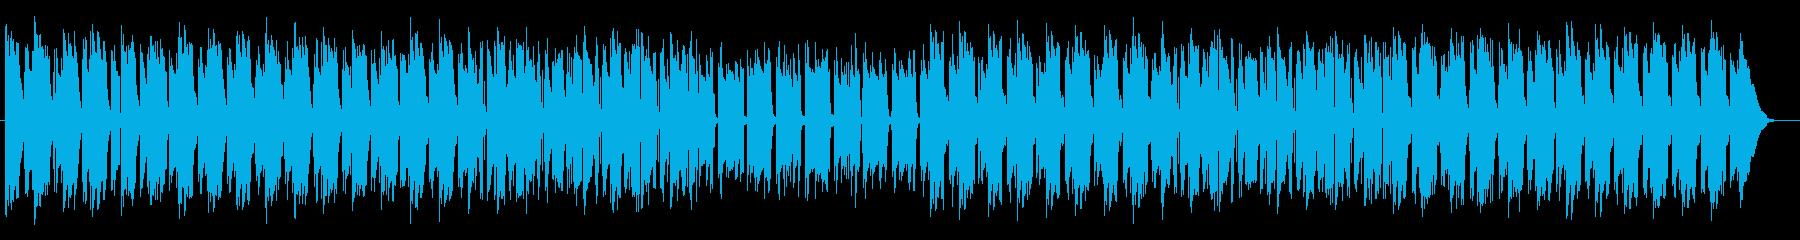 ゆったりまったりほのぼのサウンドの再生済みの波形